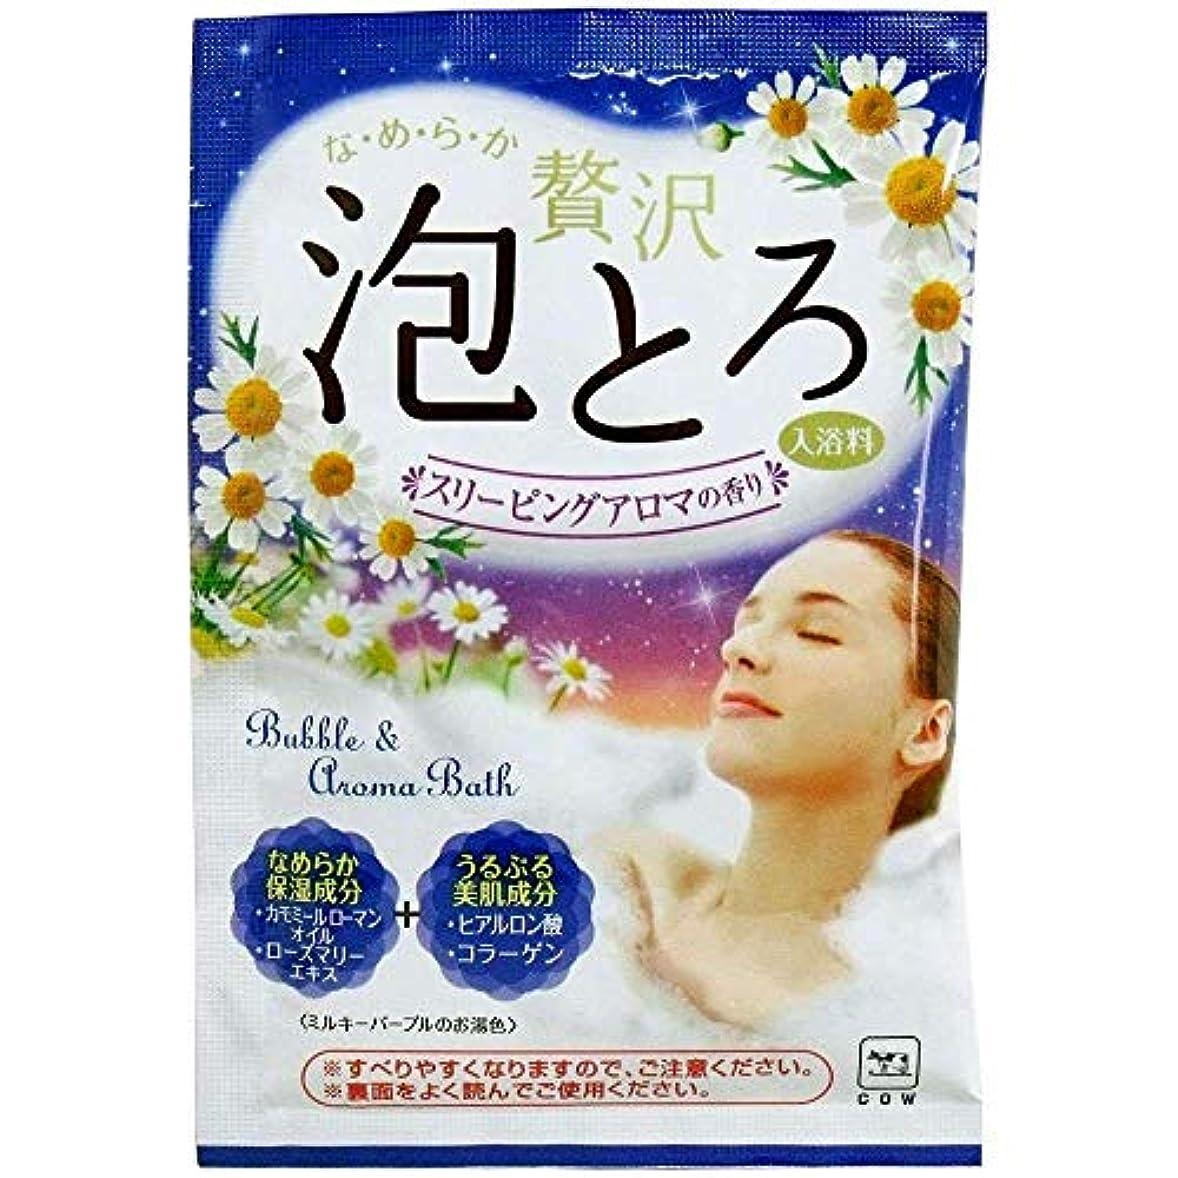 発掘する自動車クラス牛乳石鹸共進社 お湯物語 贅沢泡とろ 入浴料 スリーピングアロマの香り 30g (2個)